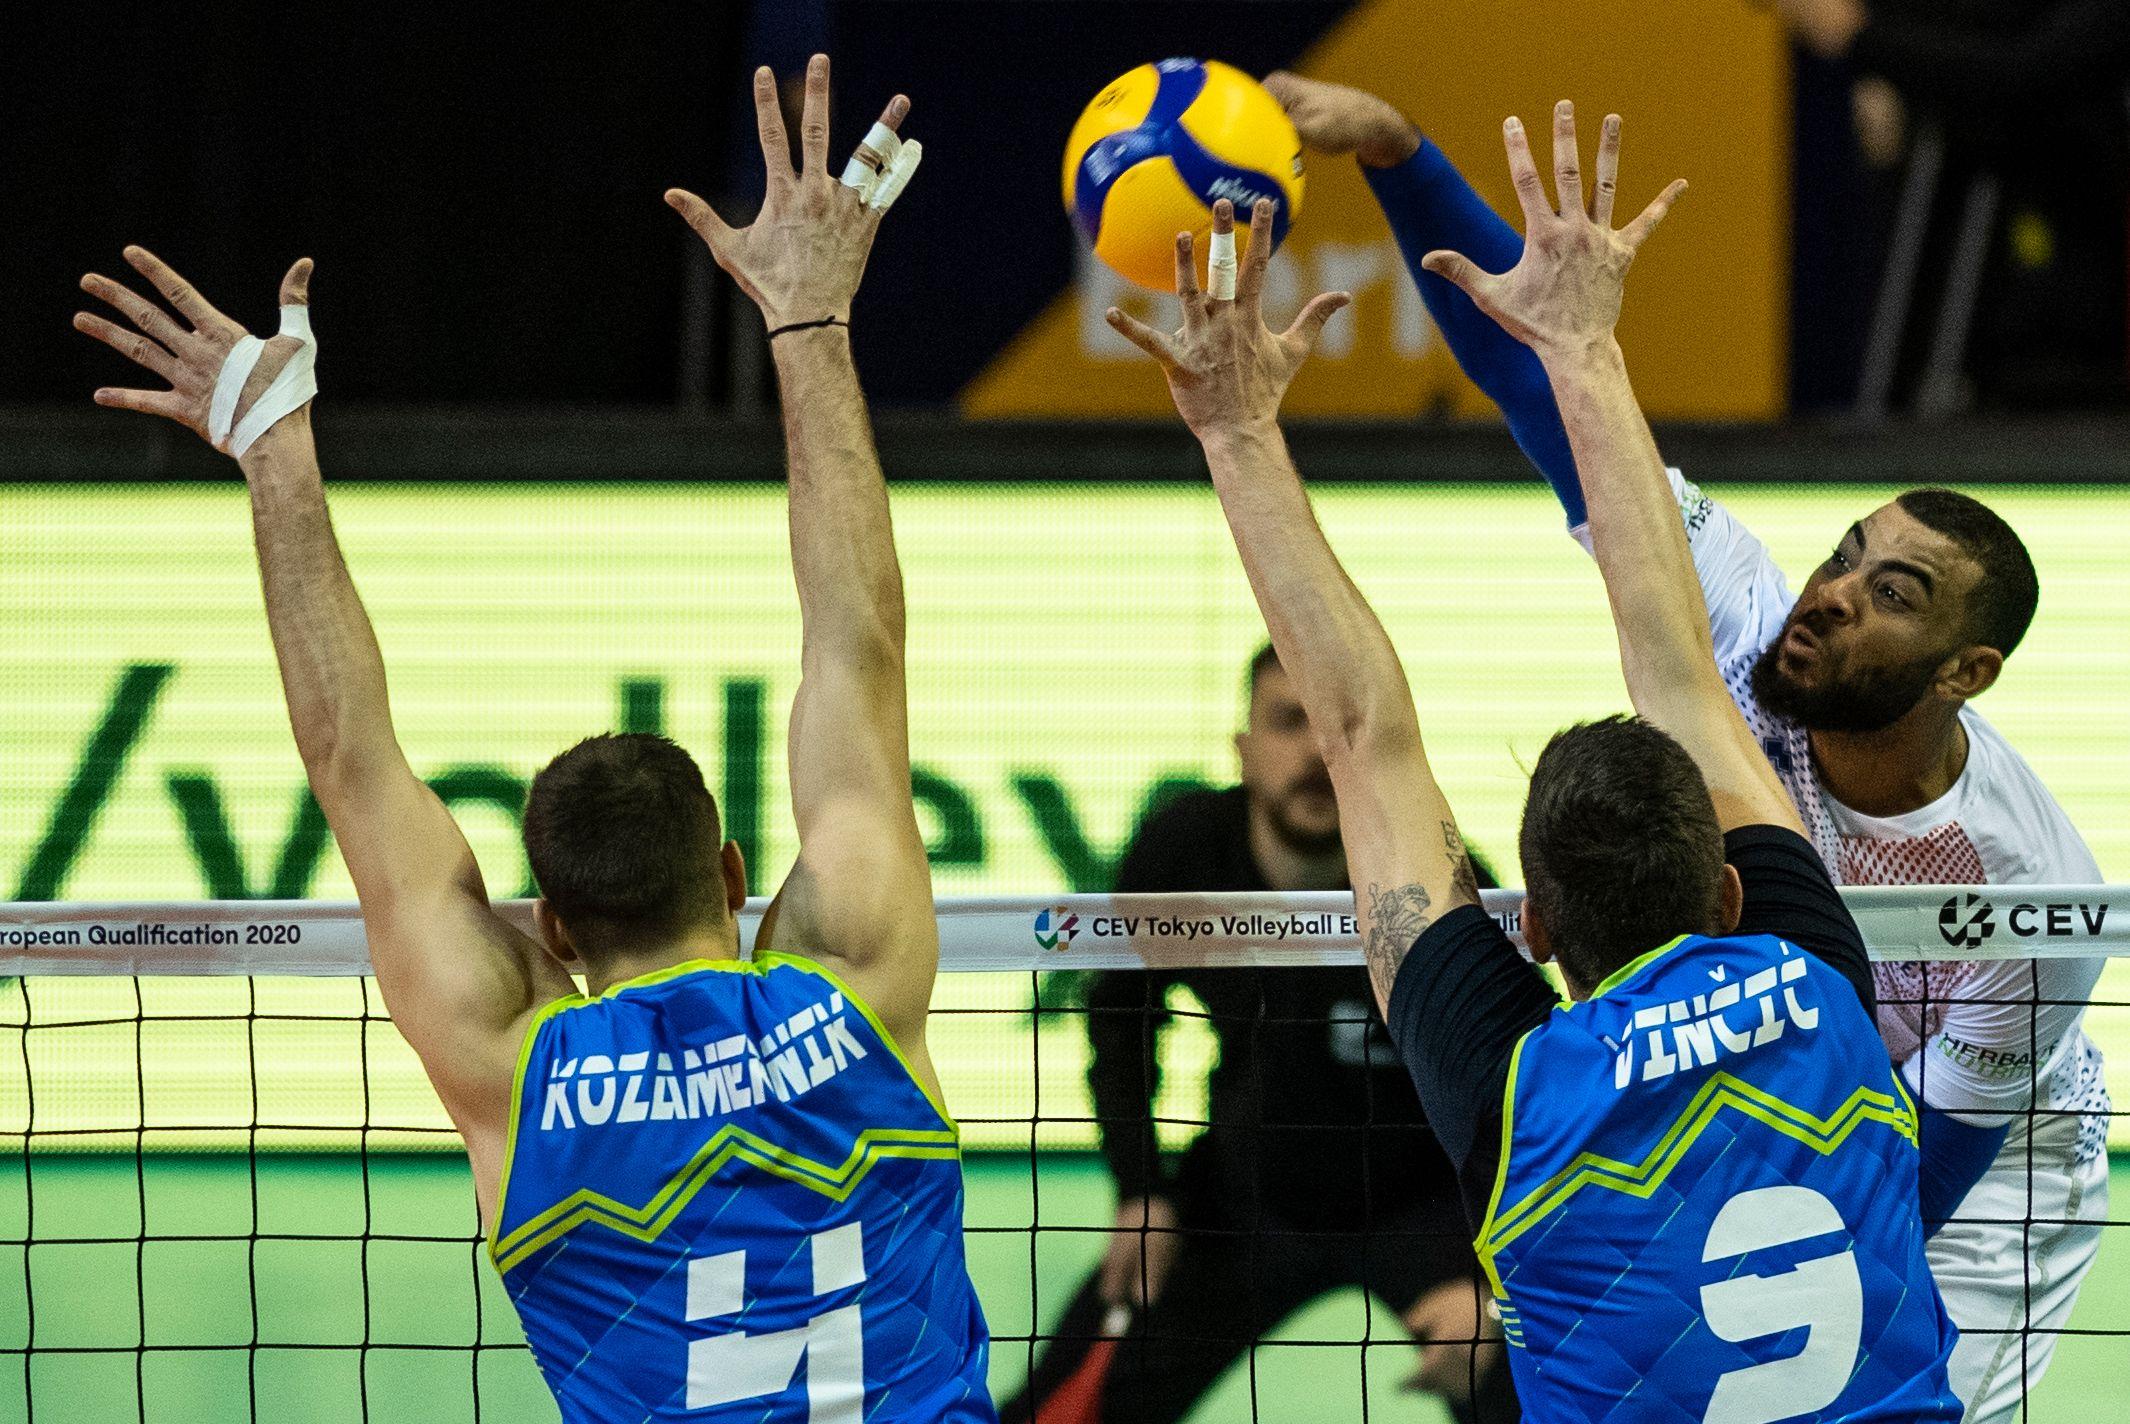 Volley - Equipe de France - Volley: une victoire contre l'Allemagne et les JO pour les Bleus